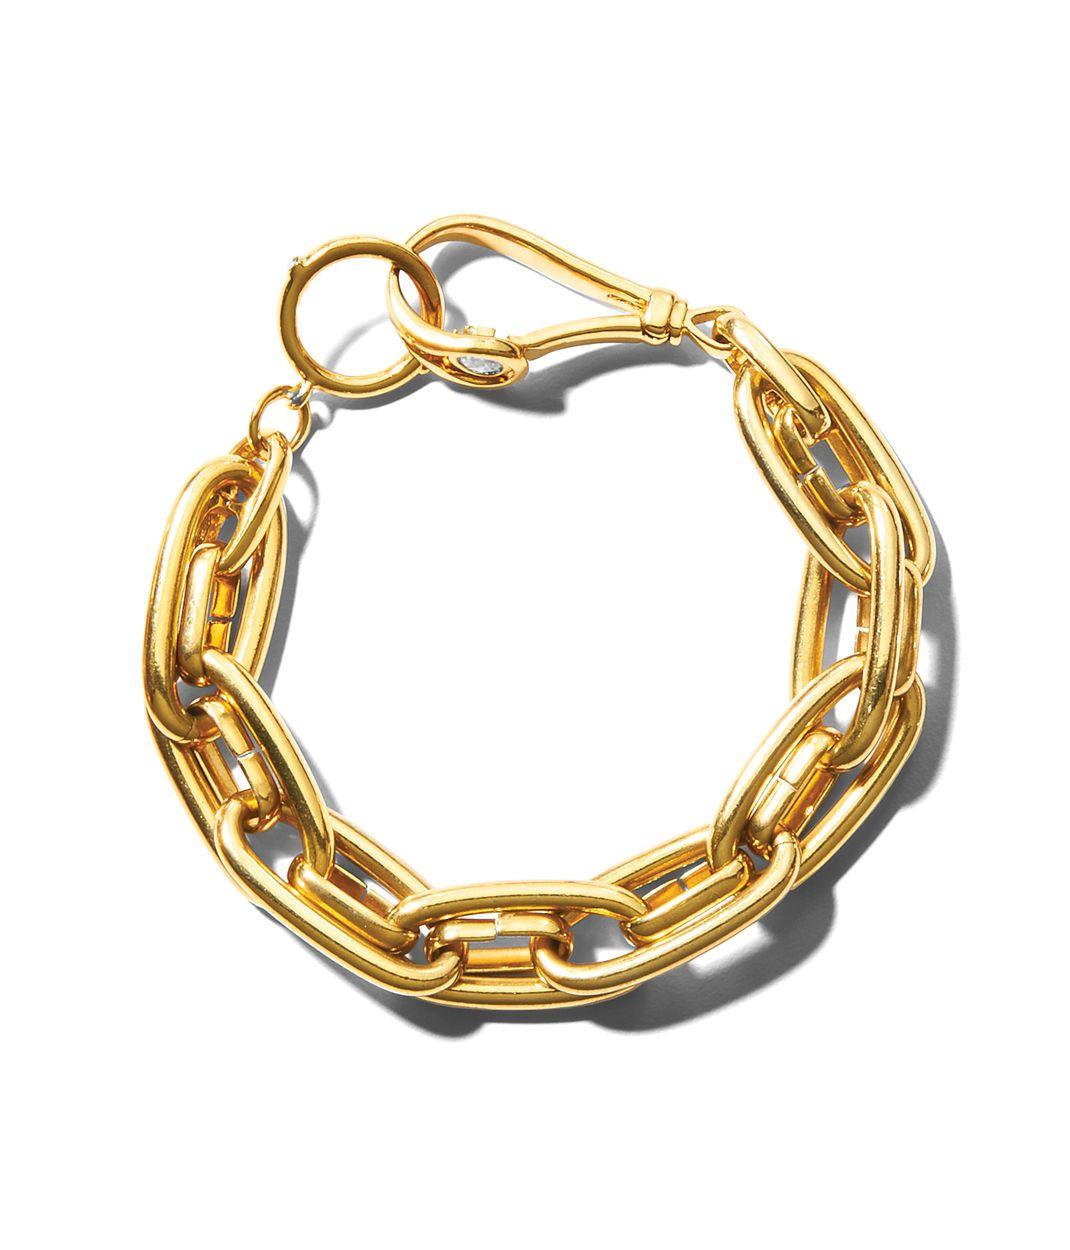 Henri link bracelet designer bracelets bracelets for women